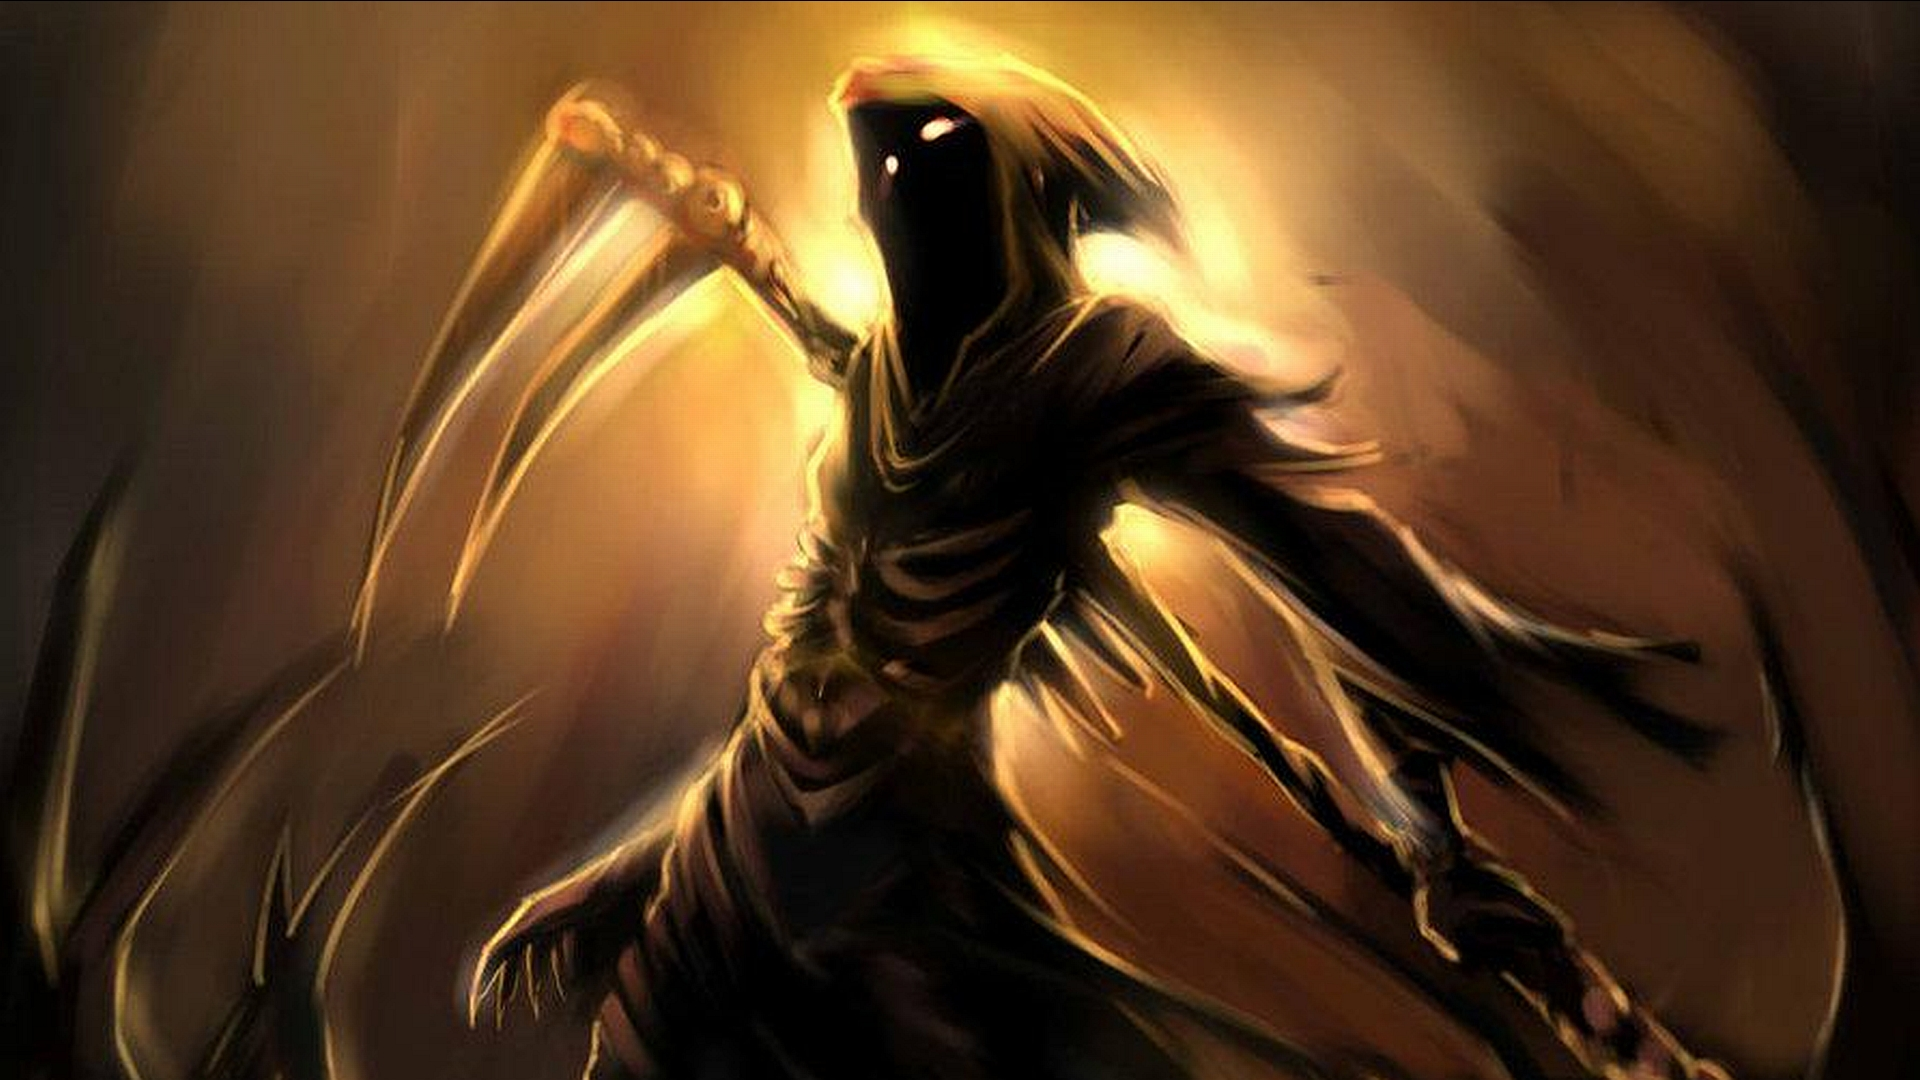 Death The Grim Reaper DOTAFire 1920x1080